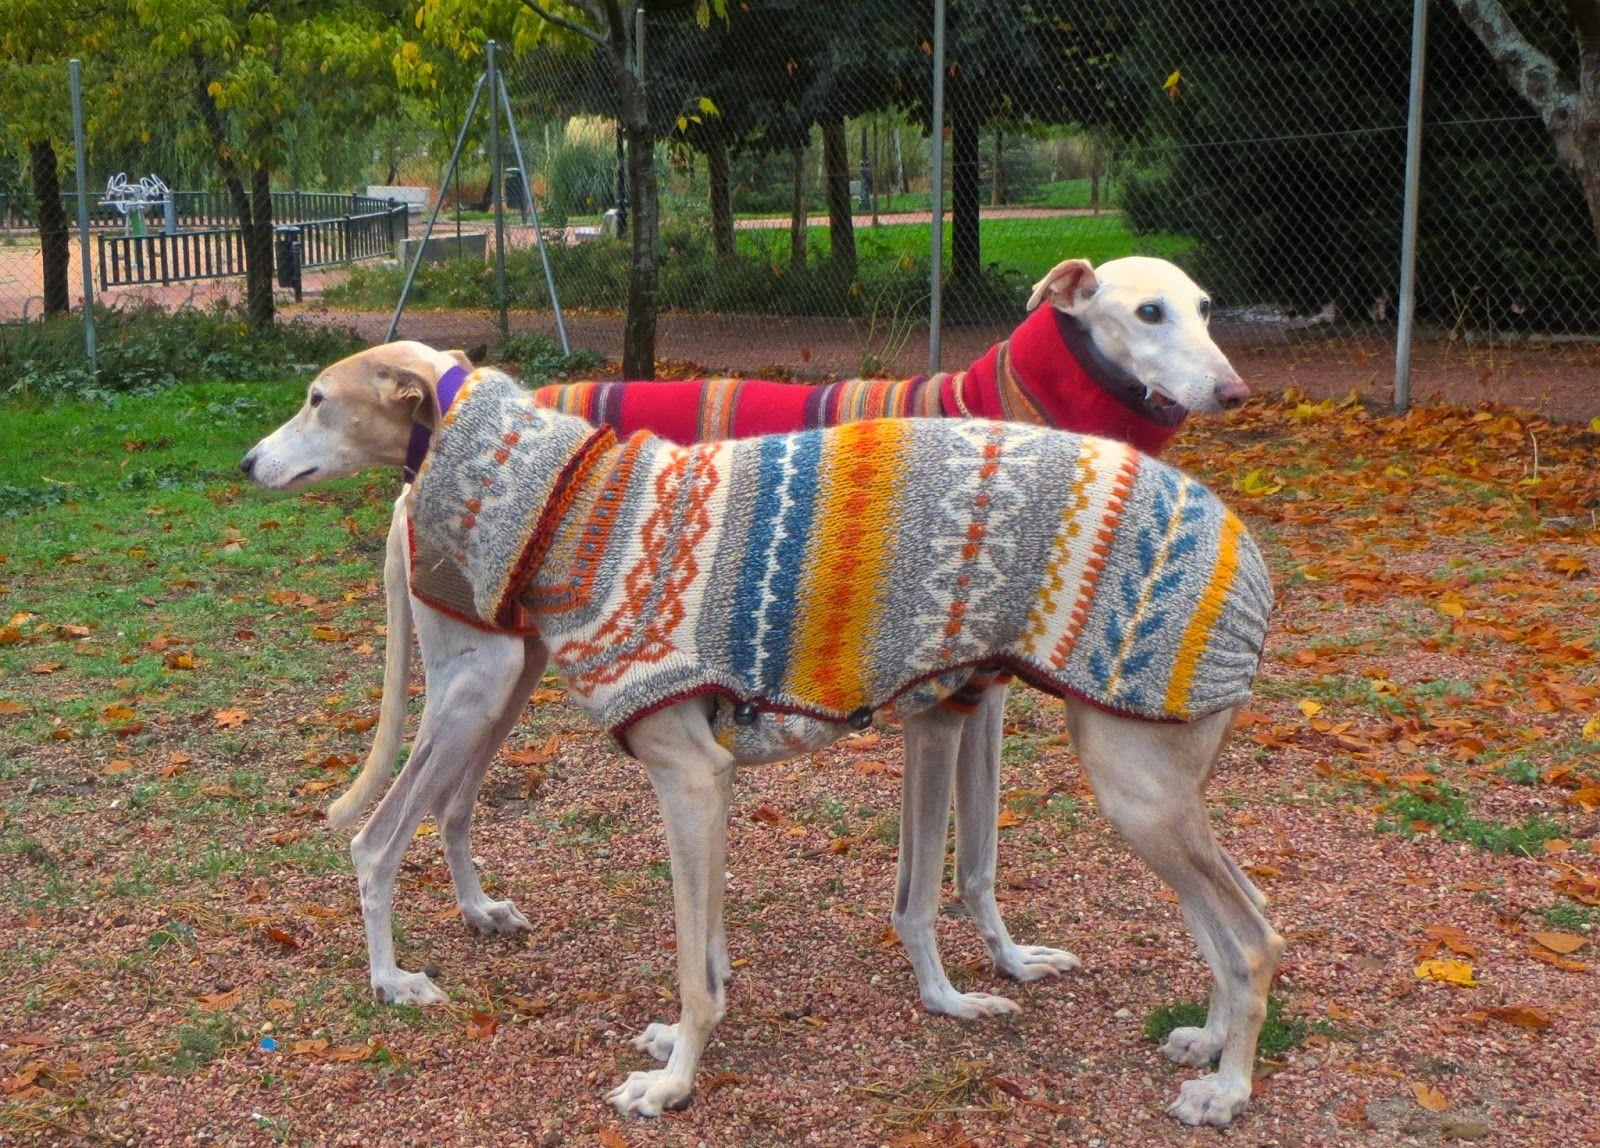 badulake de ana: Resultados de la búsqueda de Perro | whippets ...